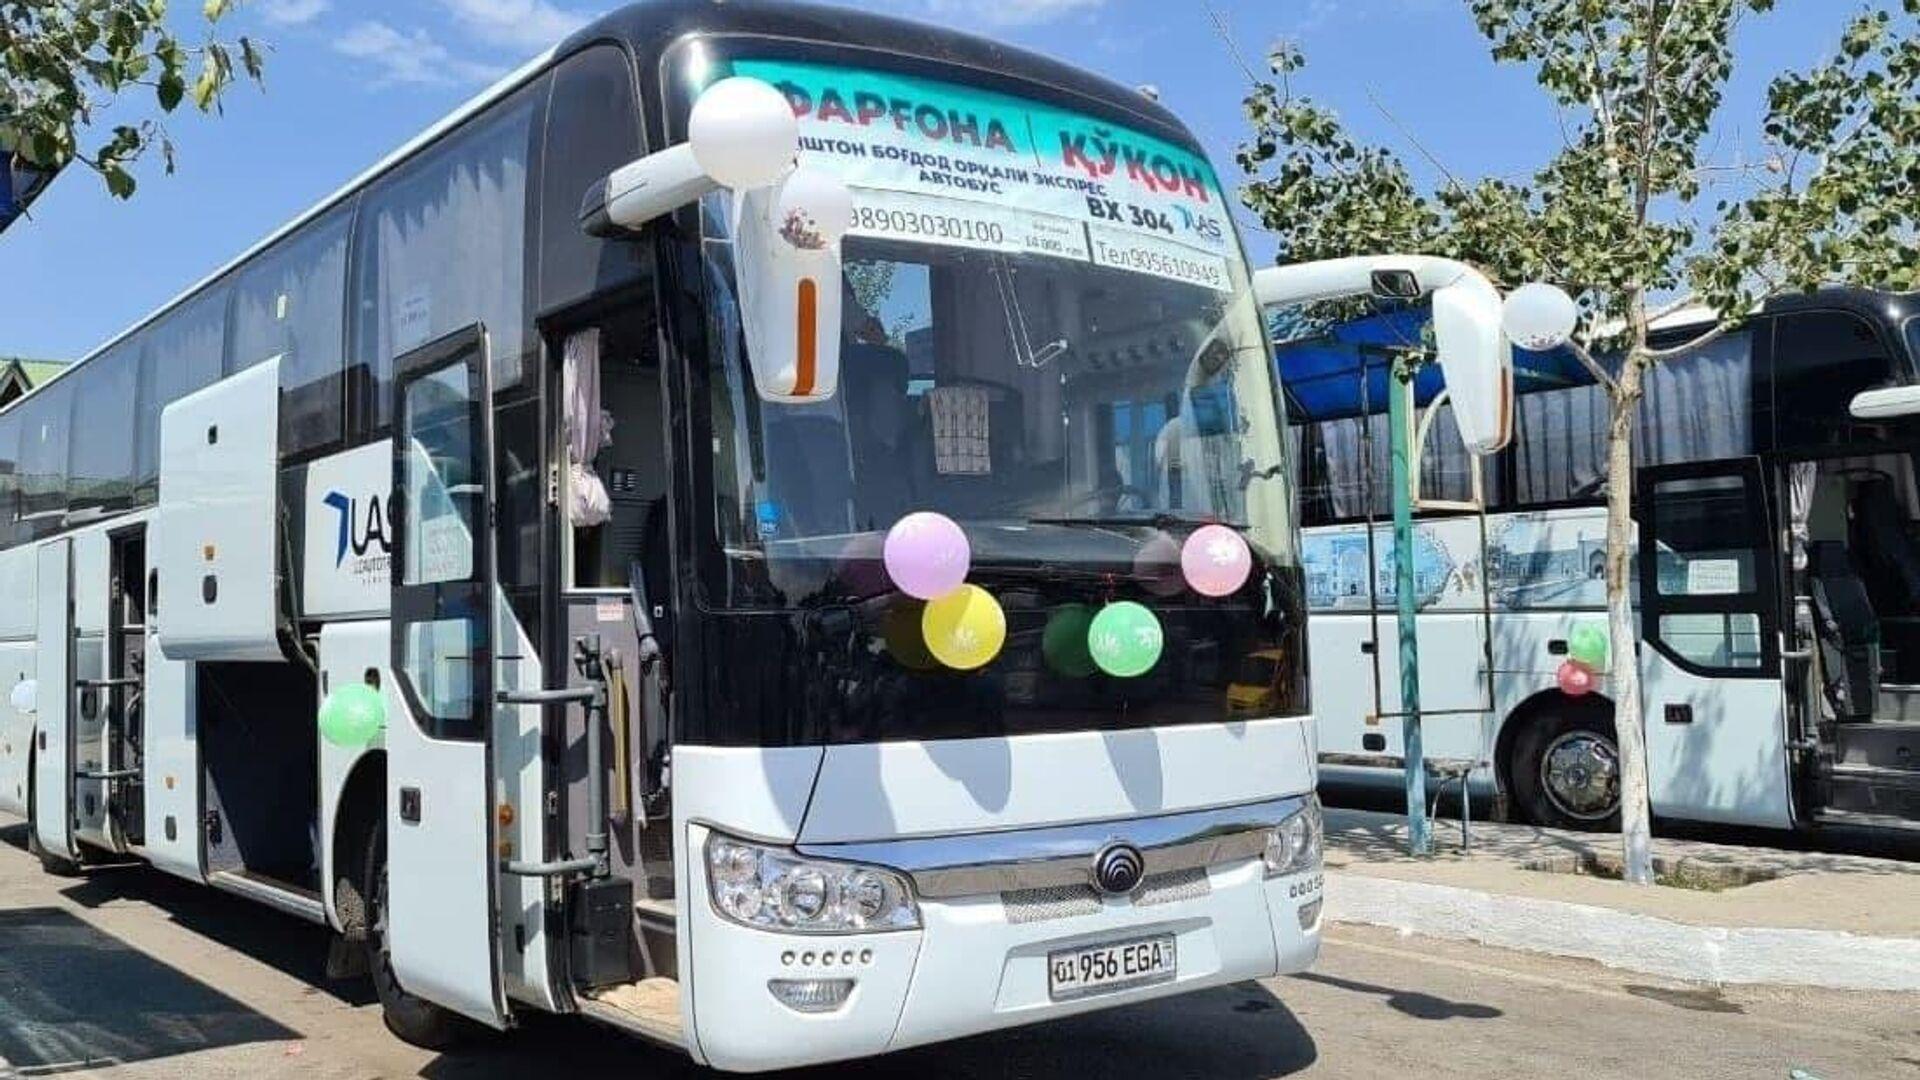 Между Ферганой и Кокандом запущено автобусное сообщение - Sputnik Ўзбекистон, 1920, 09.10.2021